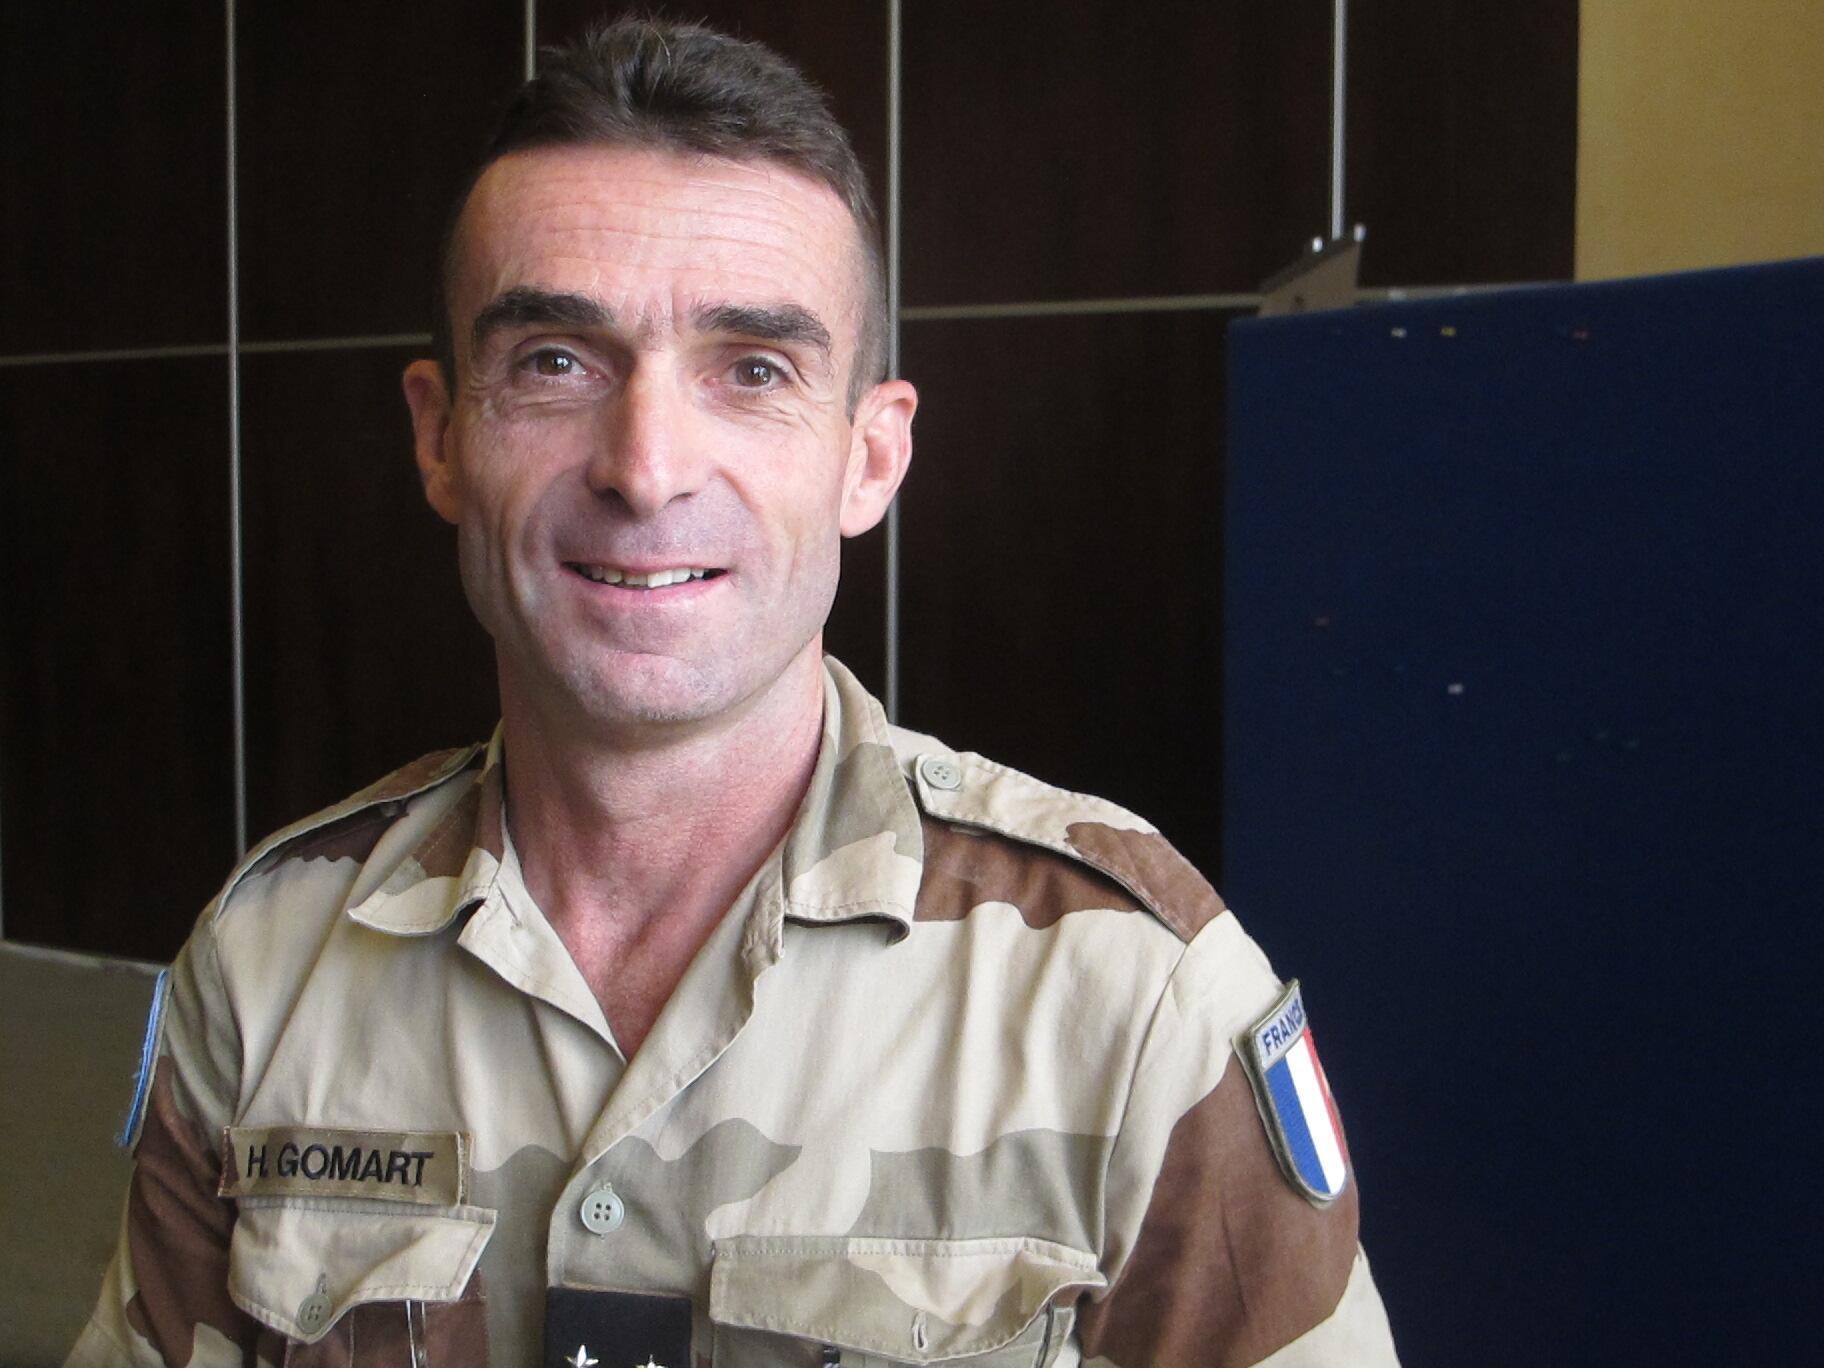 Le général Hervé Gomart, chef d'état-major de la force de la Mission multidimensionnée intégrée des Nations unies au Mali.